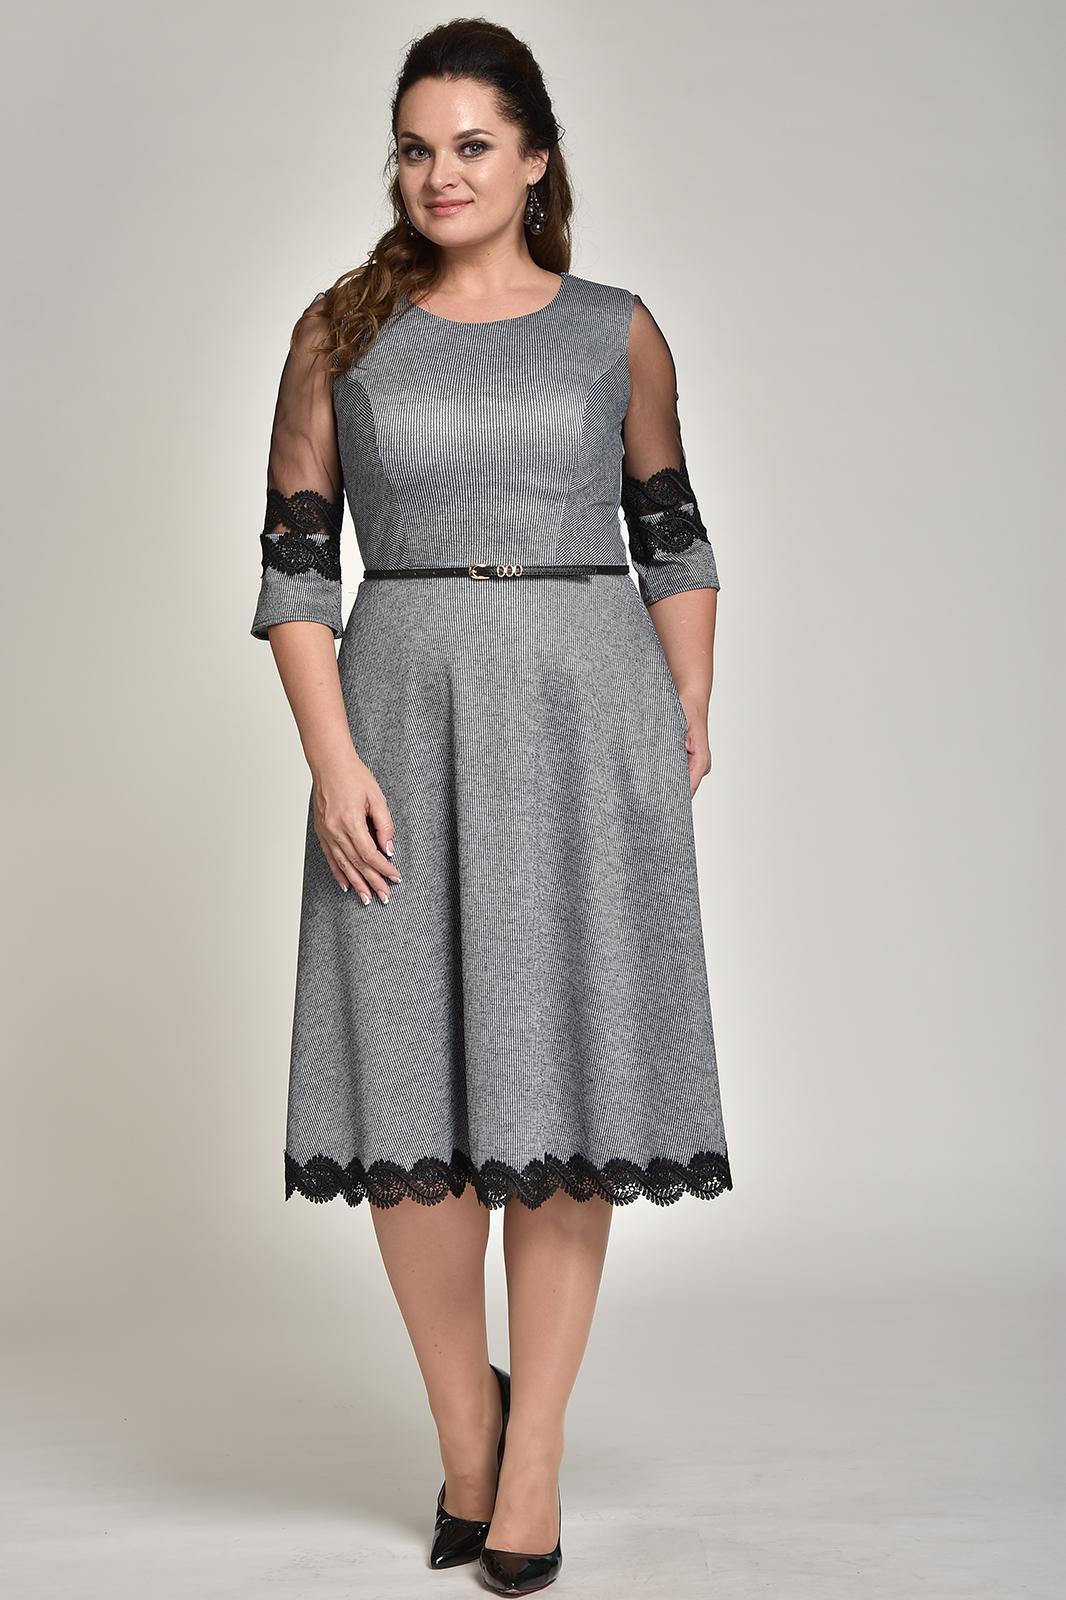 Купить Платье Solomea Lux, 506 серебристый, Беларусь